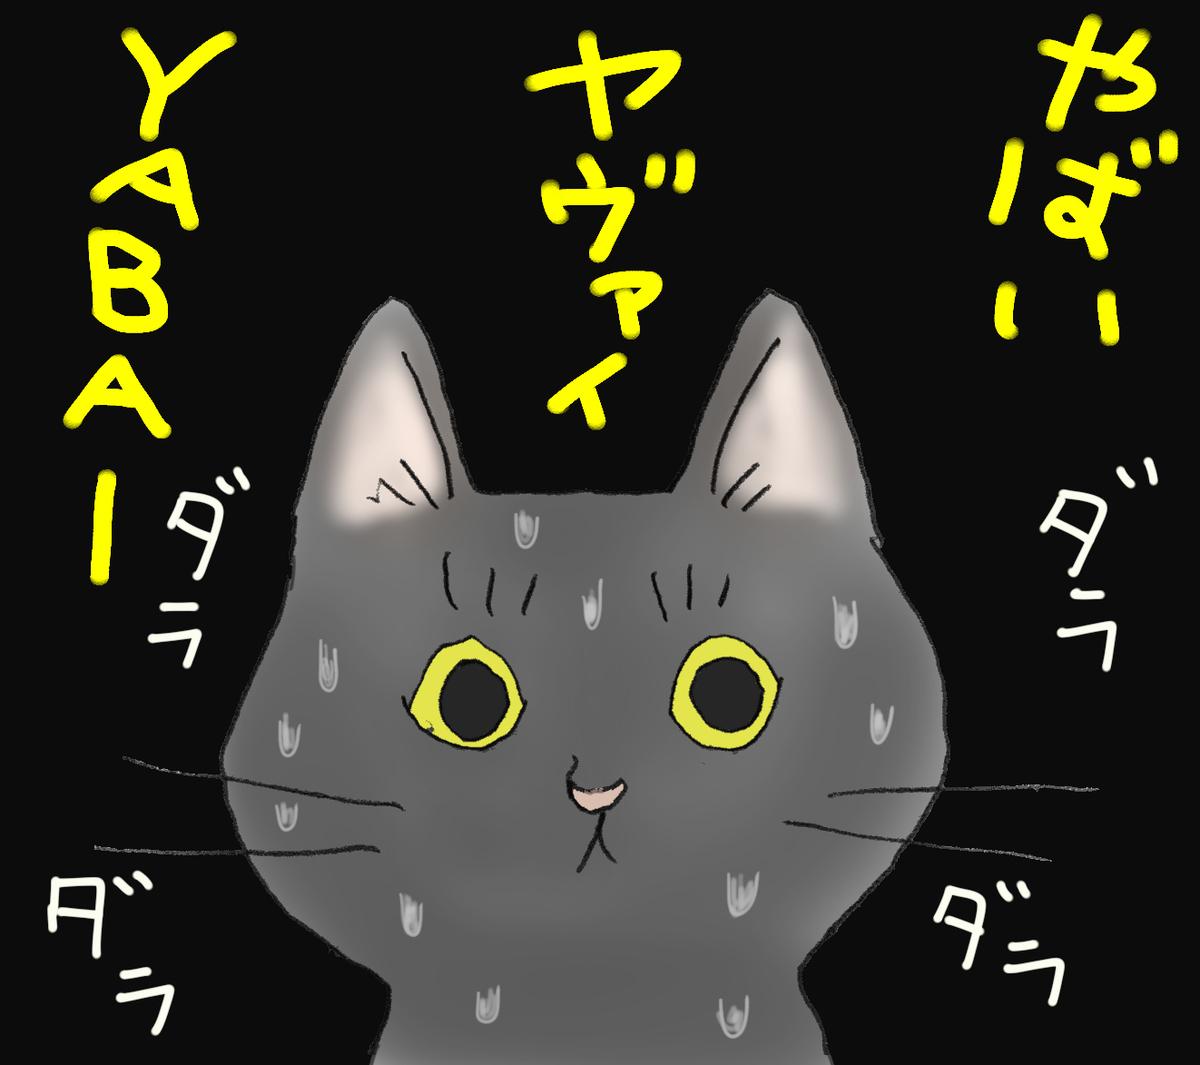 汗をダラダラ流す黒猫 背景にやばいの文字